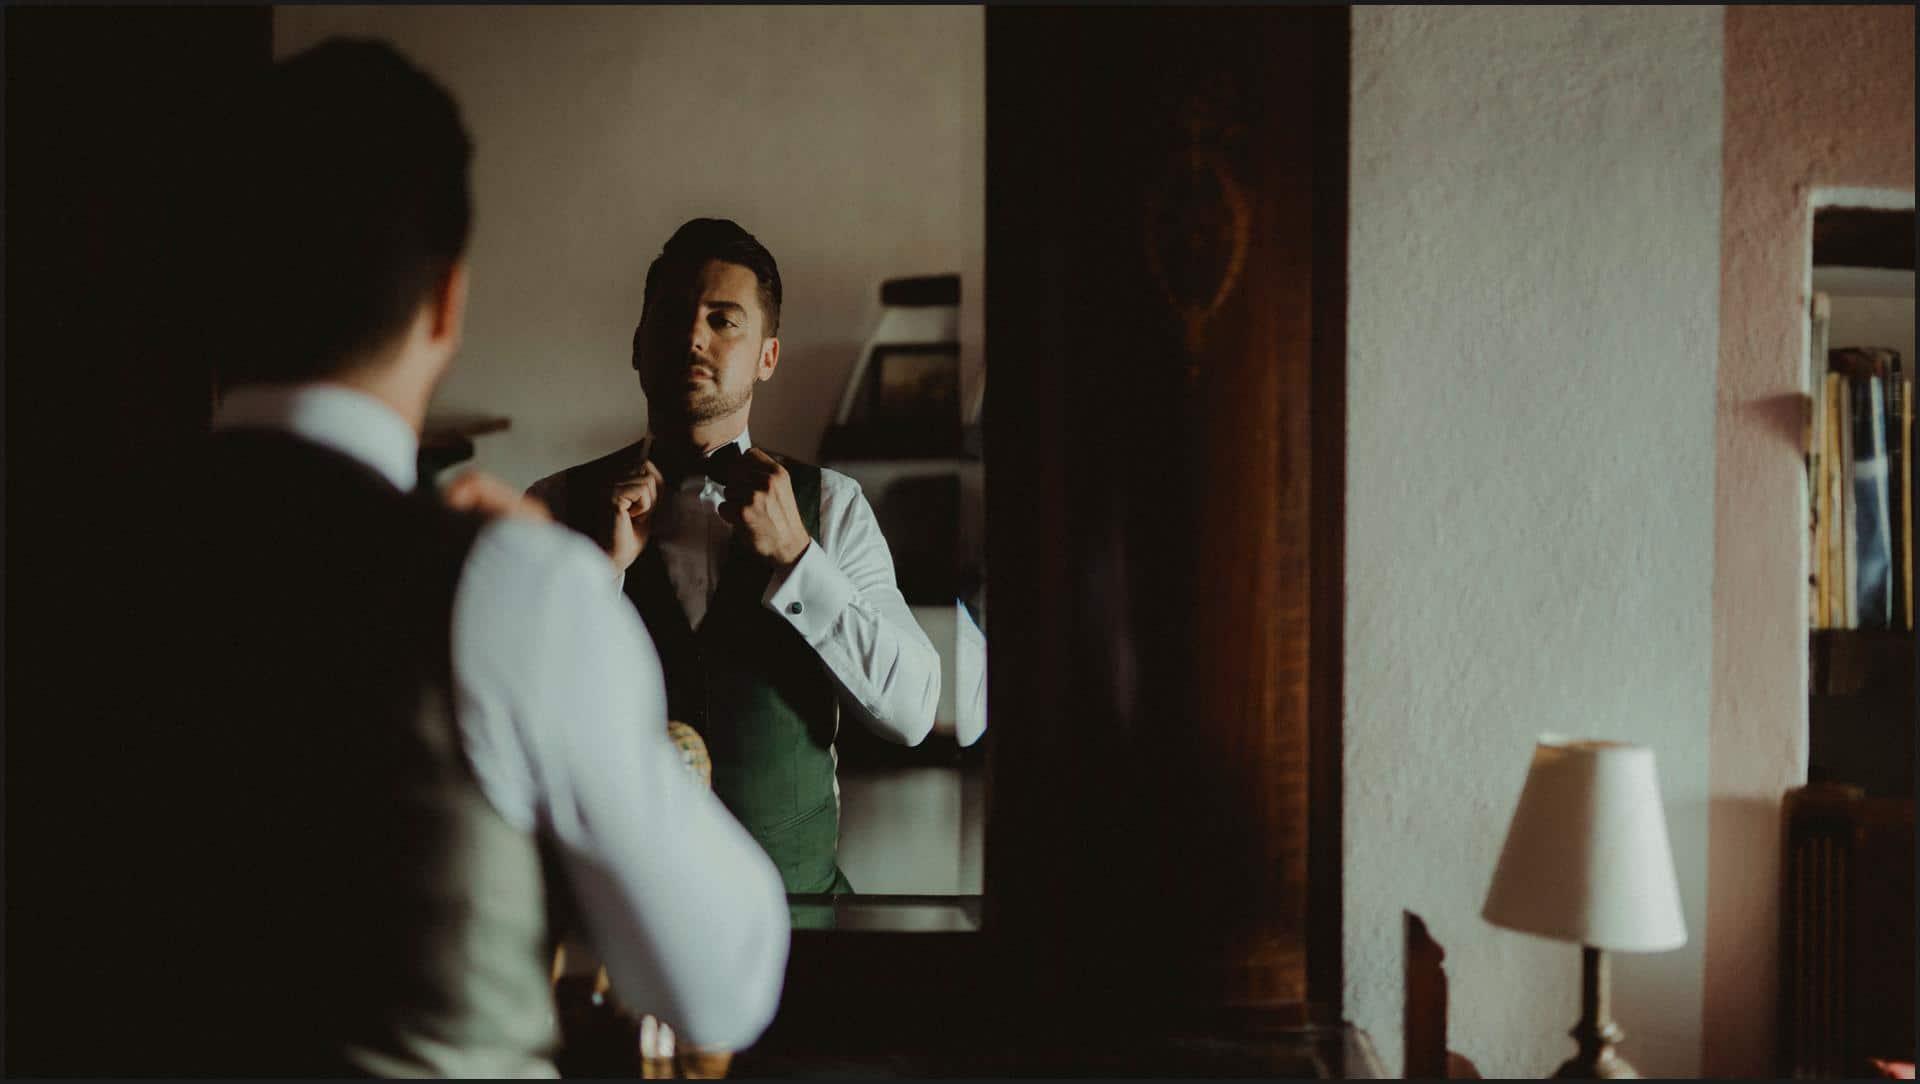 borgo di tragliata, wedding, rome, wedding in rome, getting ready, groom, italy wedding, wedding photographer